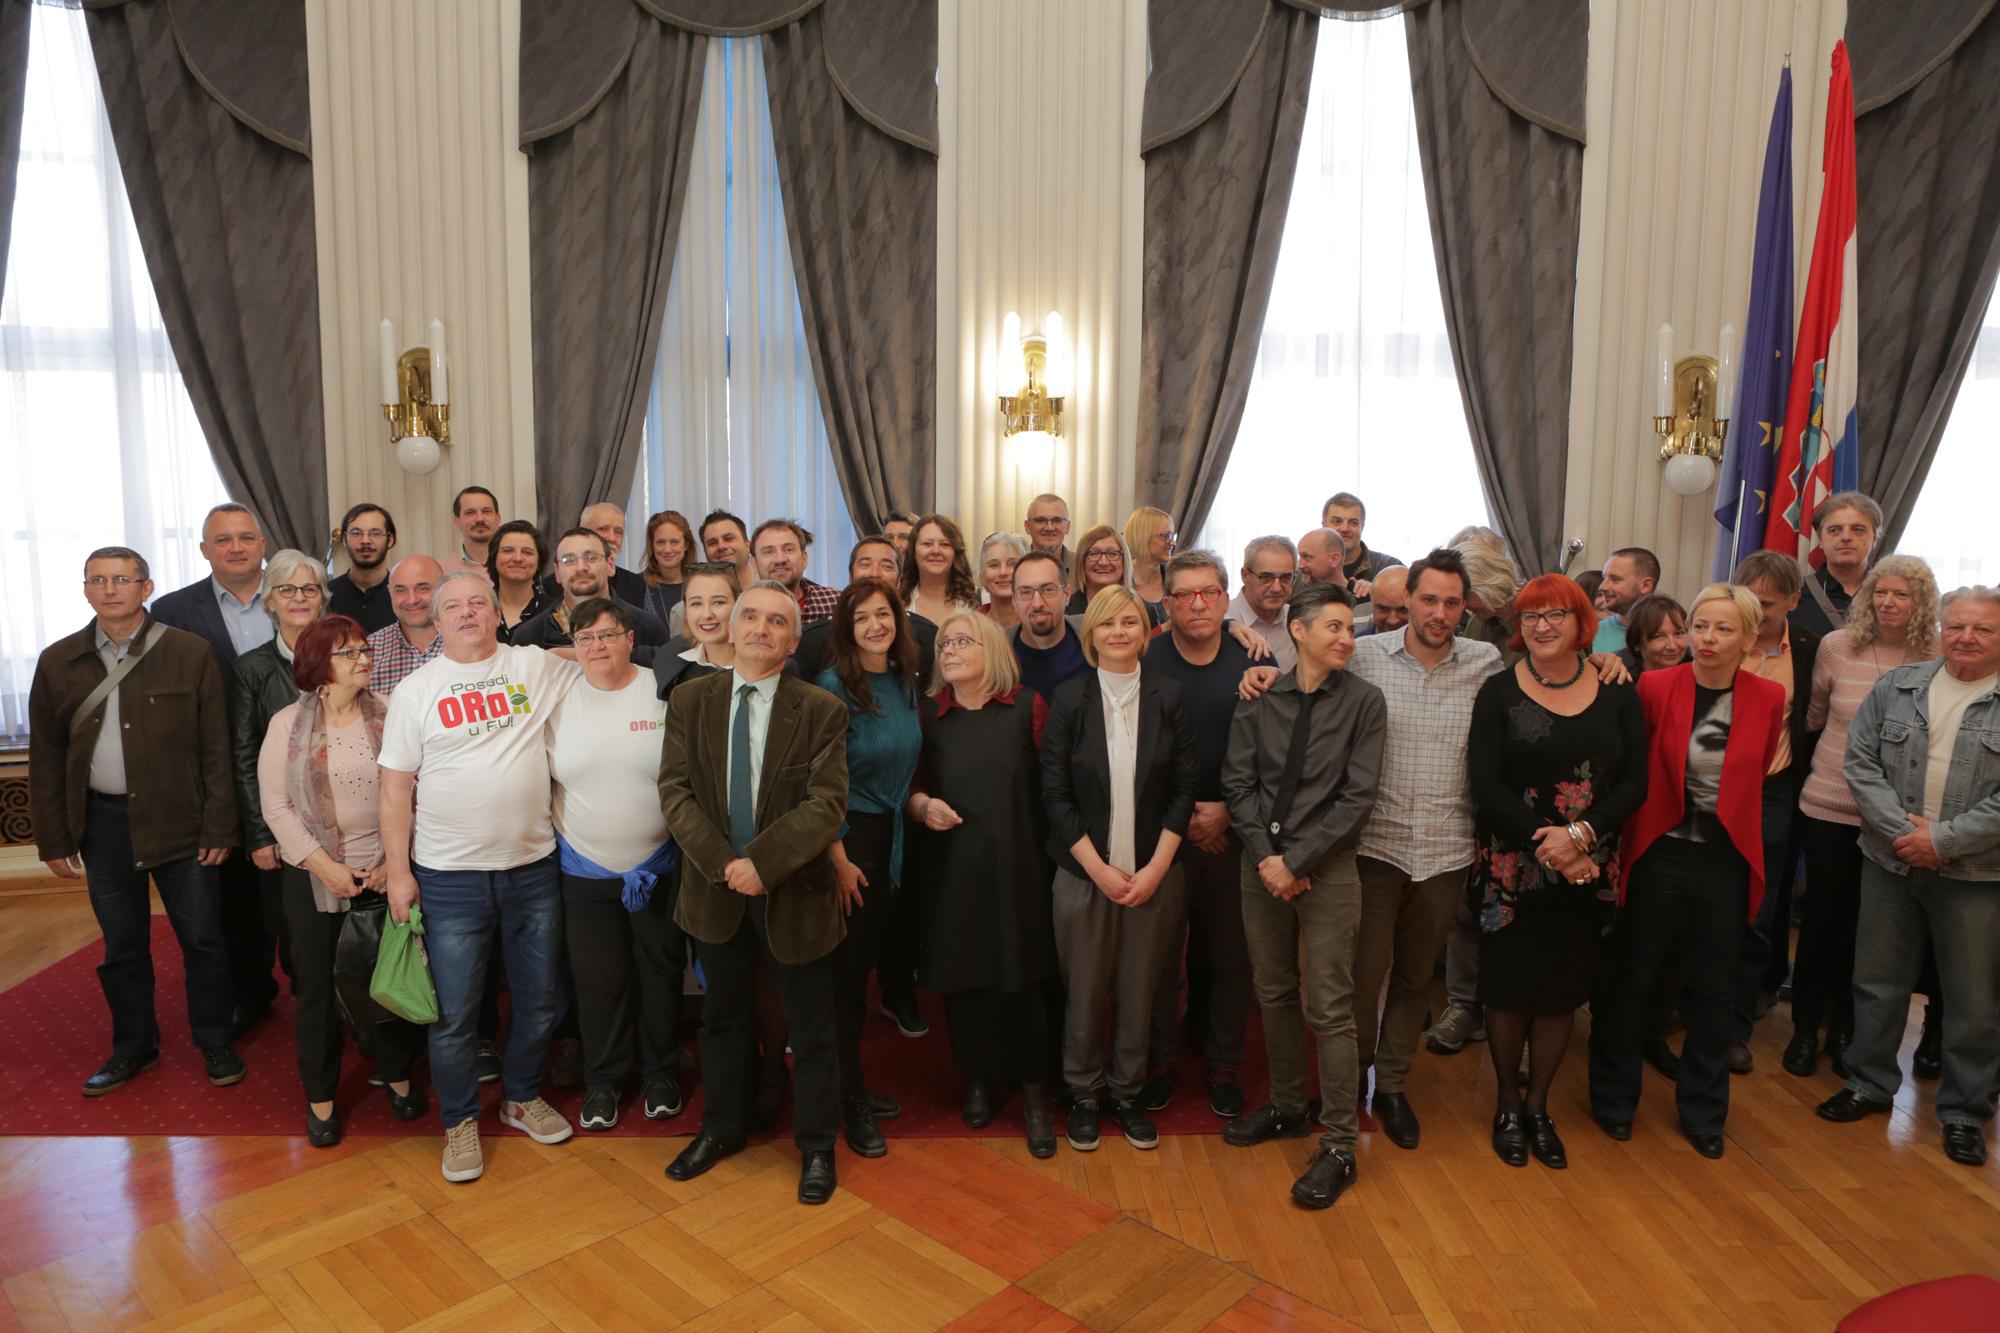 Predstavljena koalicijska lista i program političke platforme Možemo!, Nove ljevice i ORaH-a